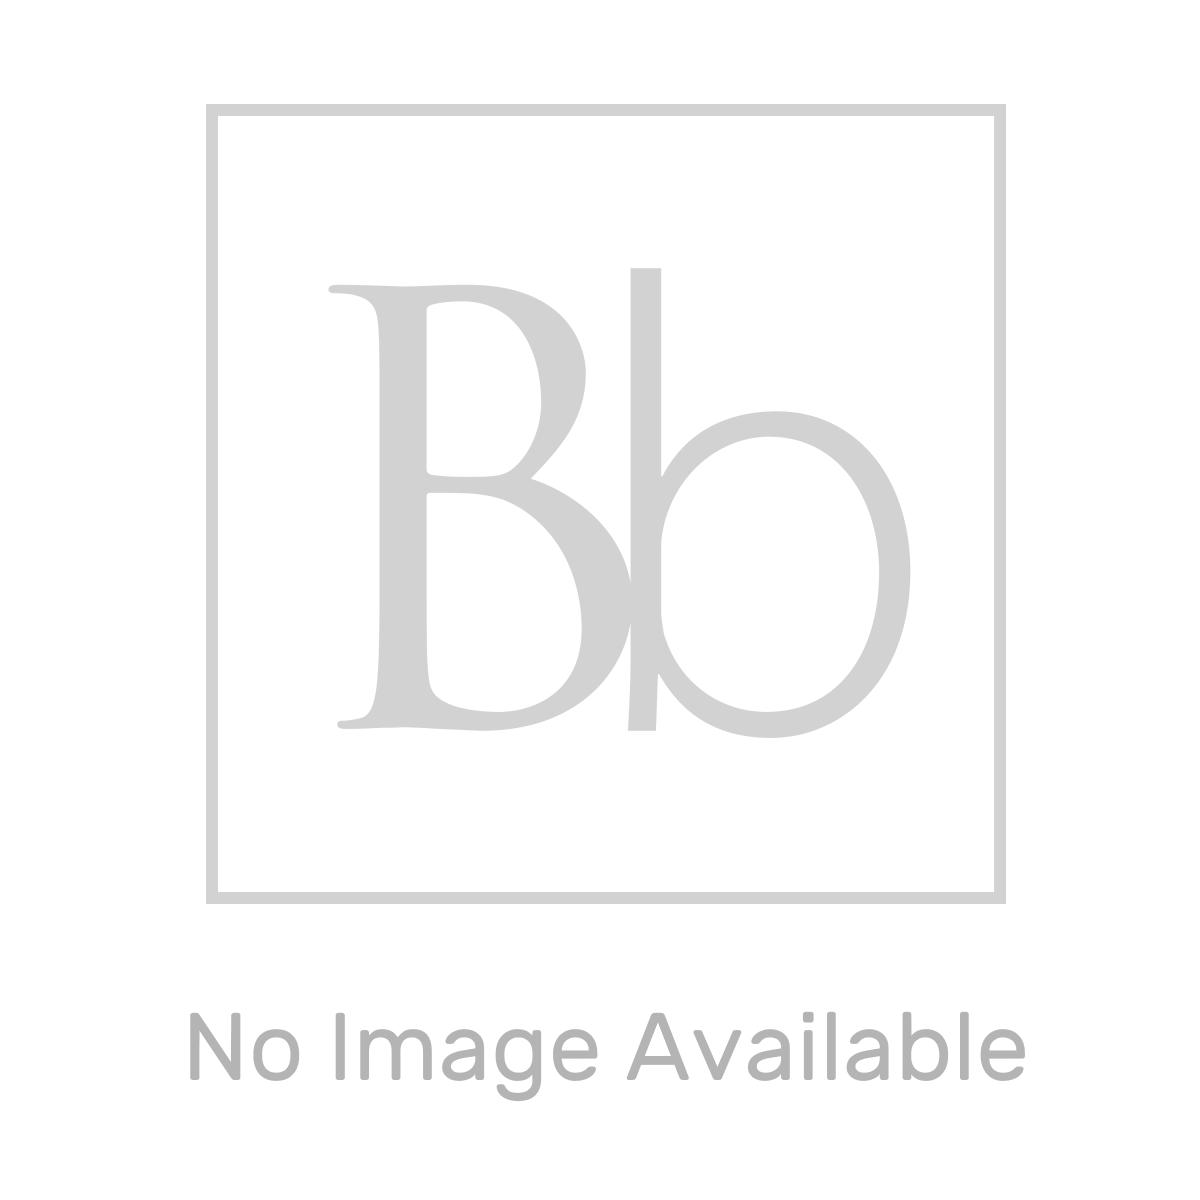 Zenith Carno Mono Basin Mixer Tap Lifestyle